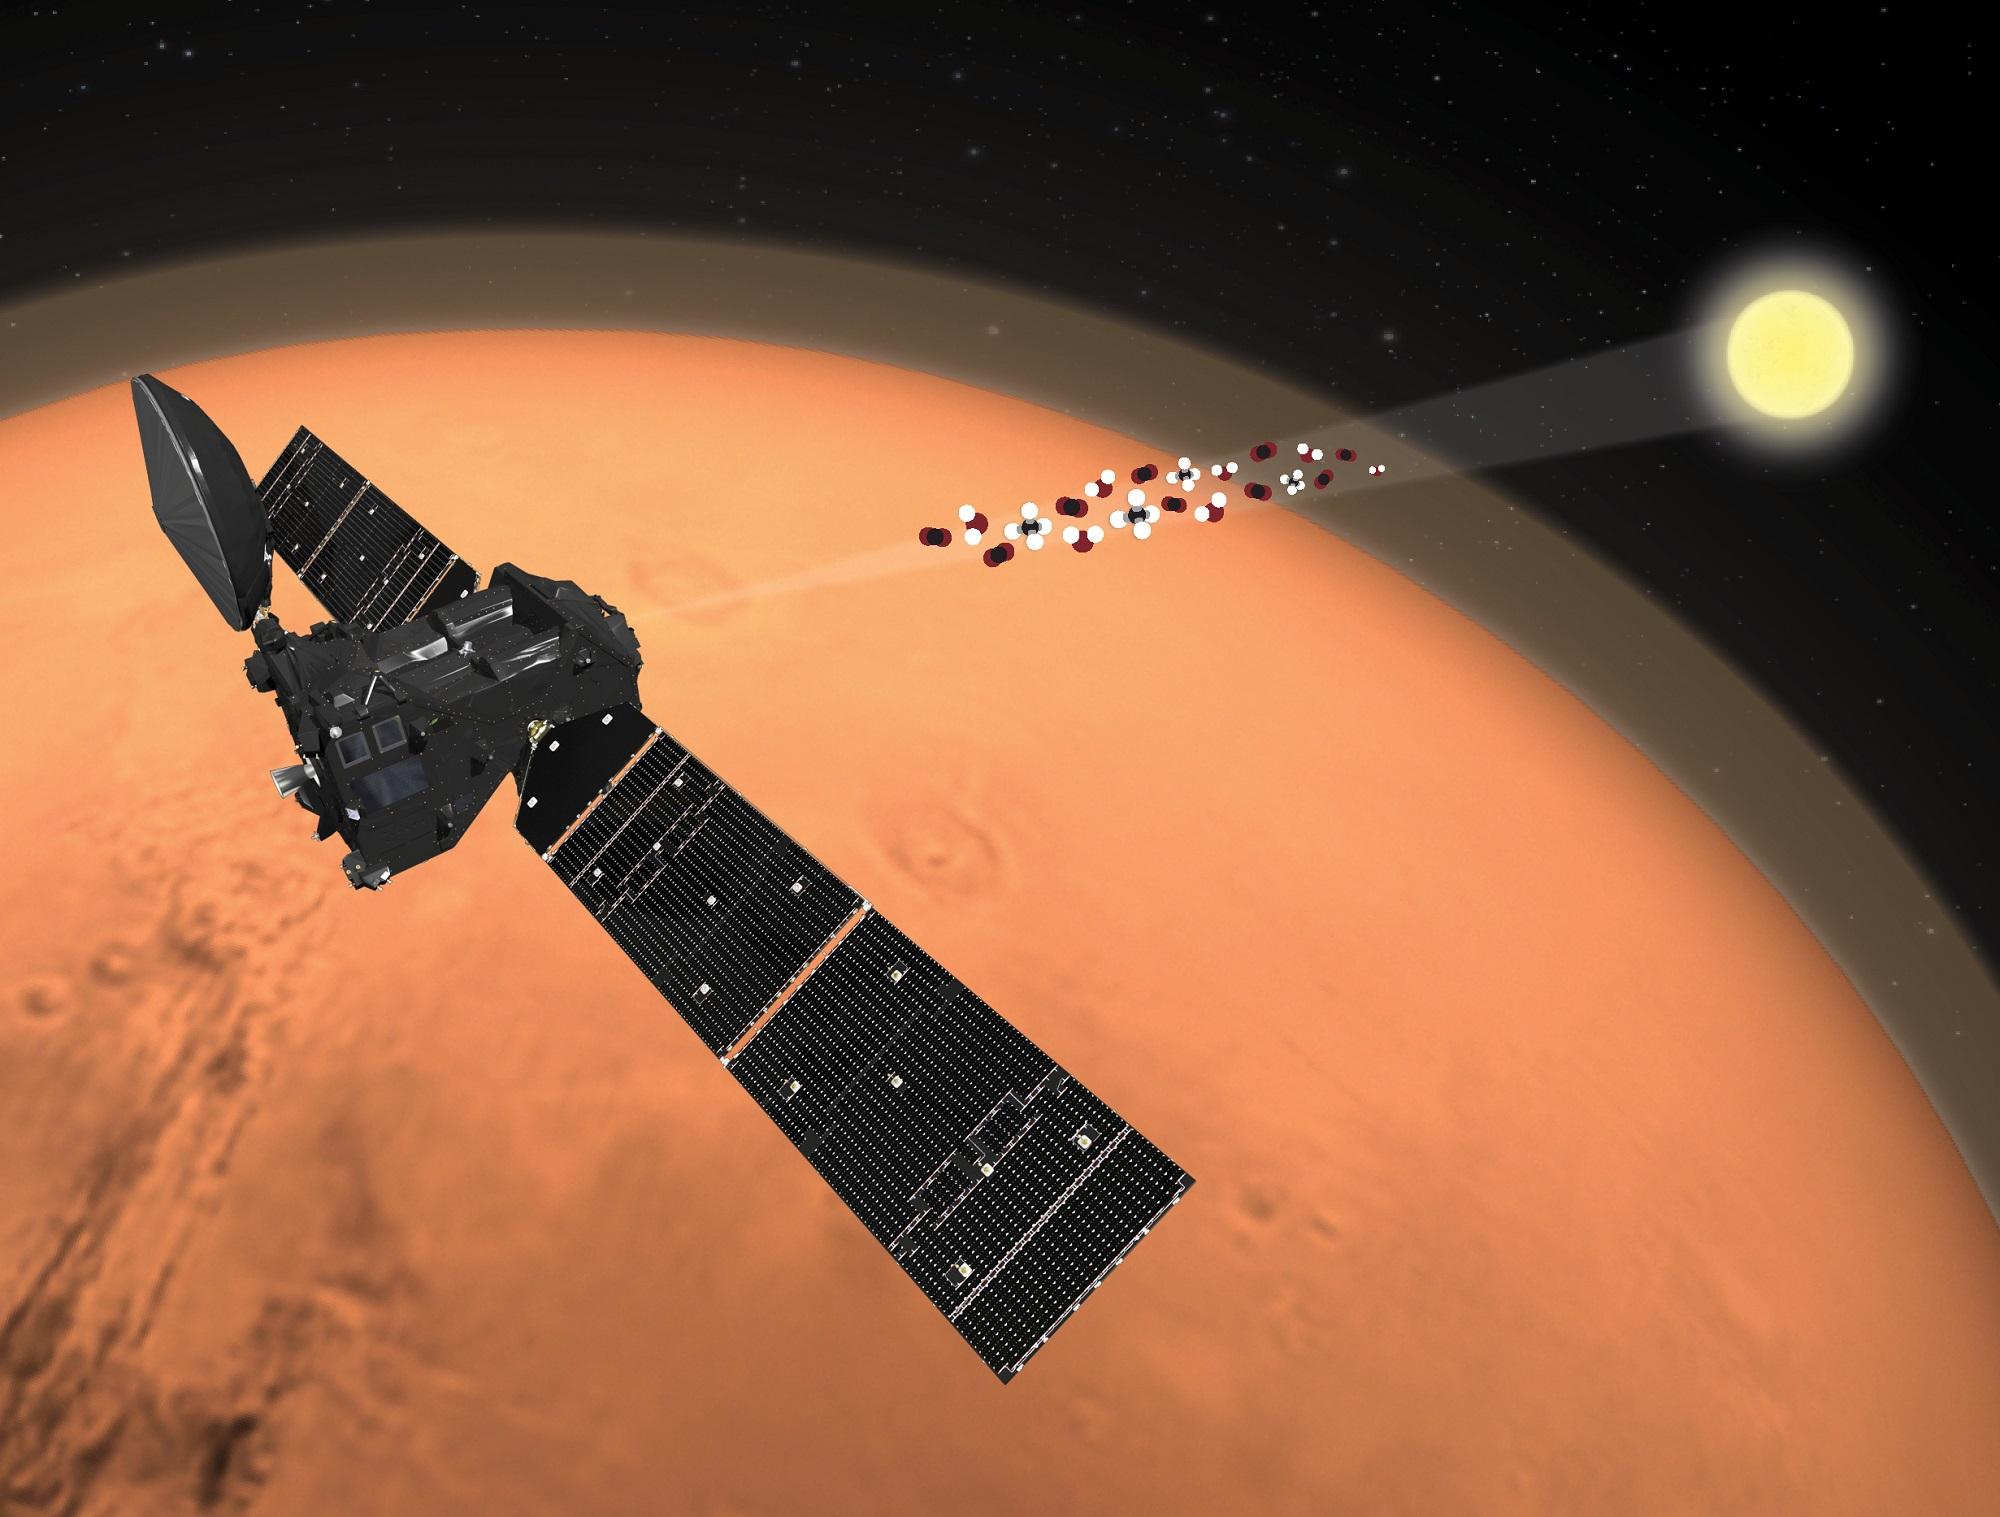 ExoMars Trace Gas Orbiter måler sporgasser og vann på Mars. Illustrasjon: ESA/ATG medialab